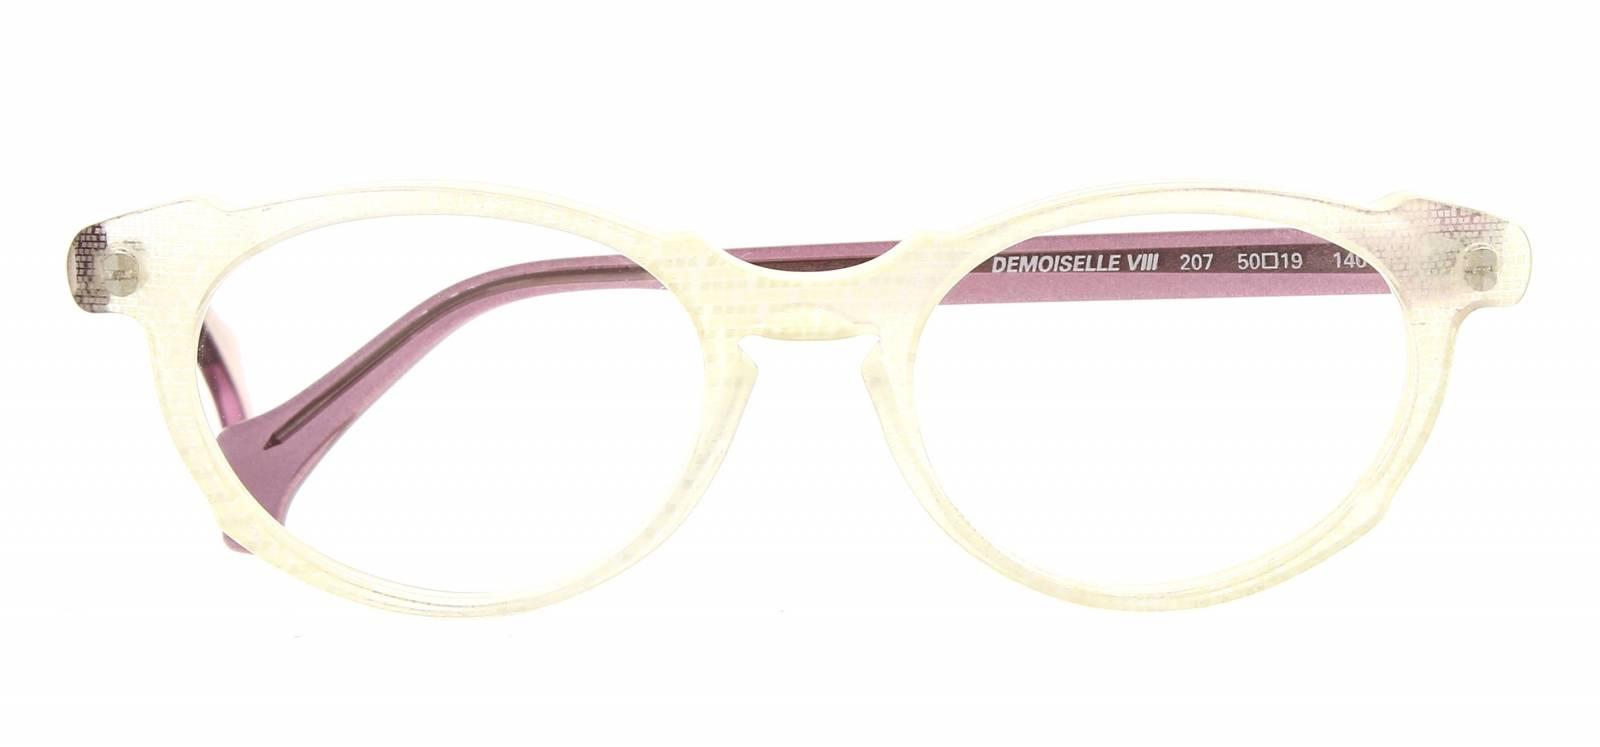 frais frais grande sélection meilleur endroit Essayer des lunettes Plein Les Mirettes Le Havre - Opticien ...